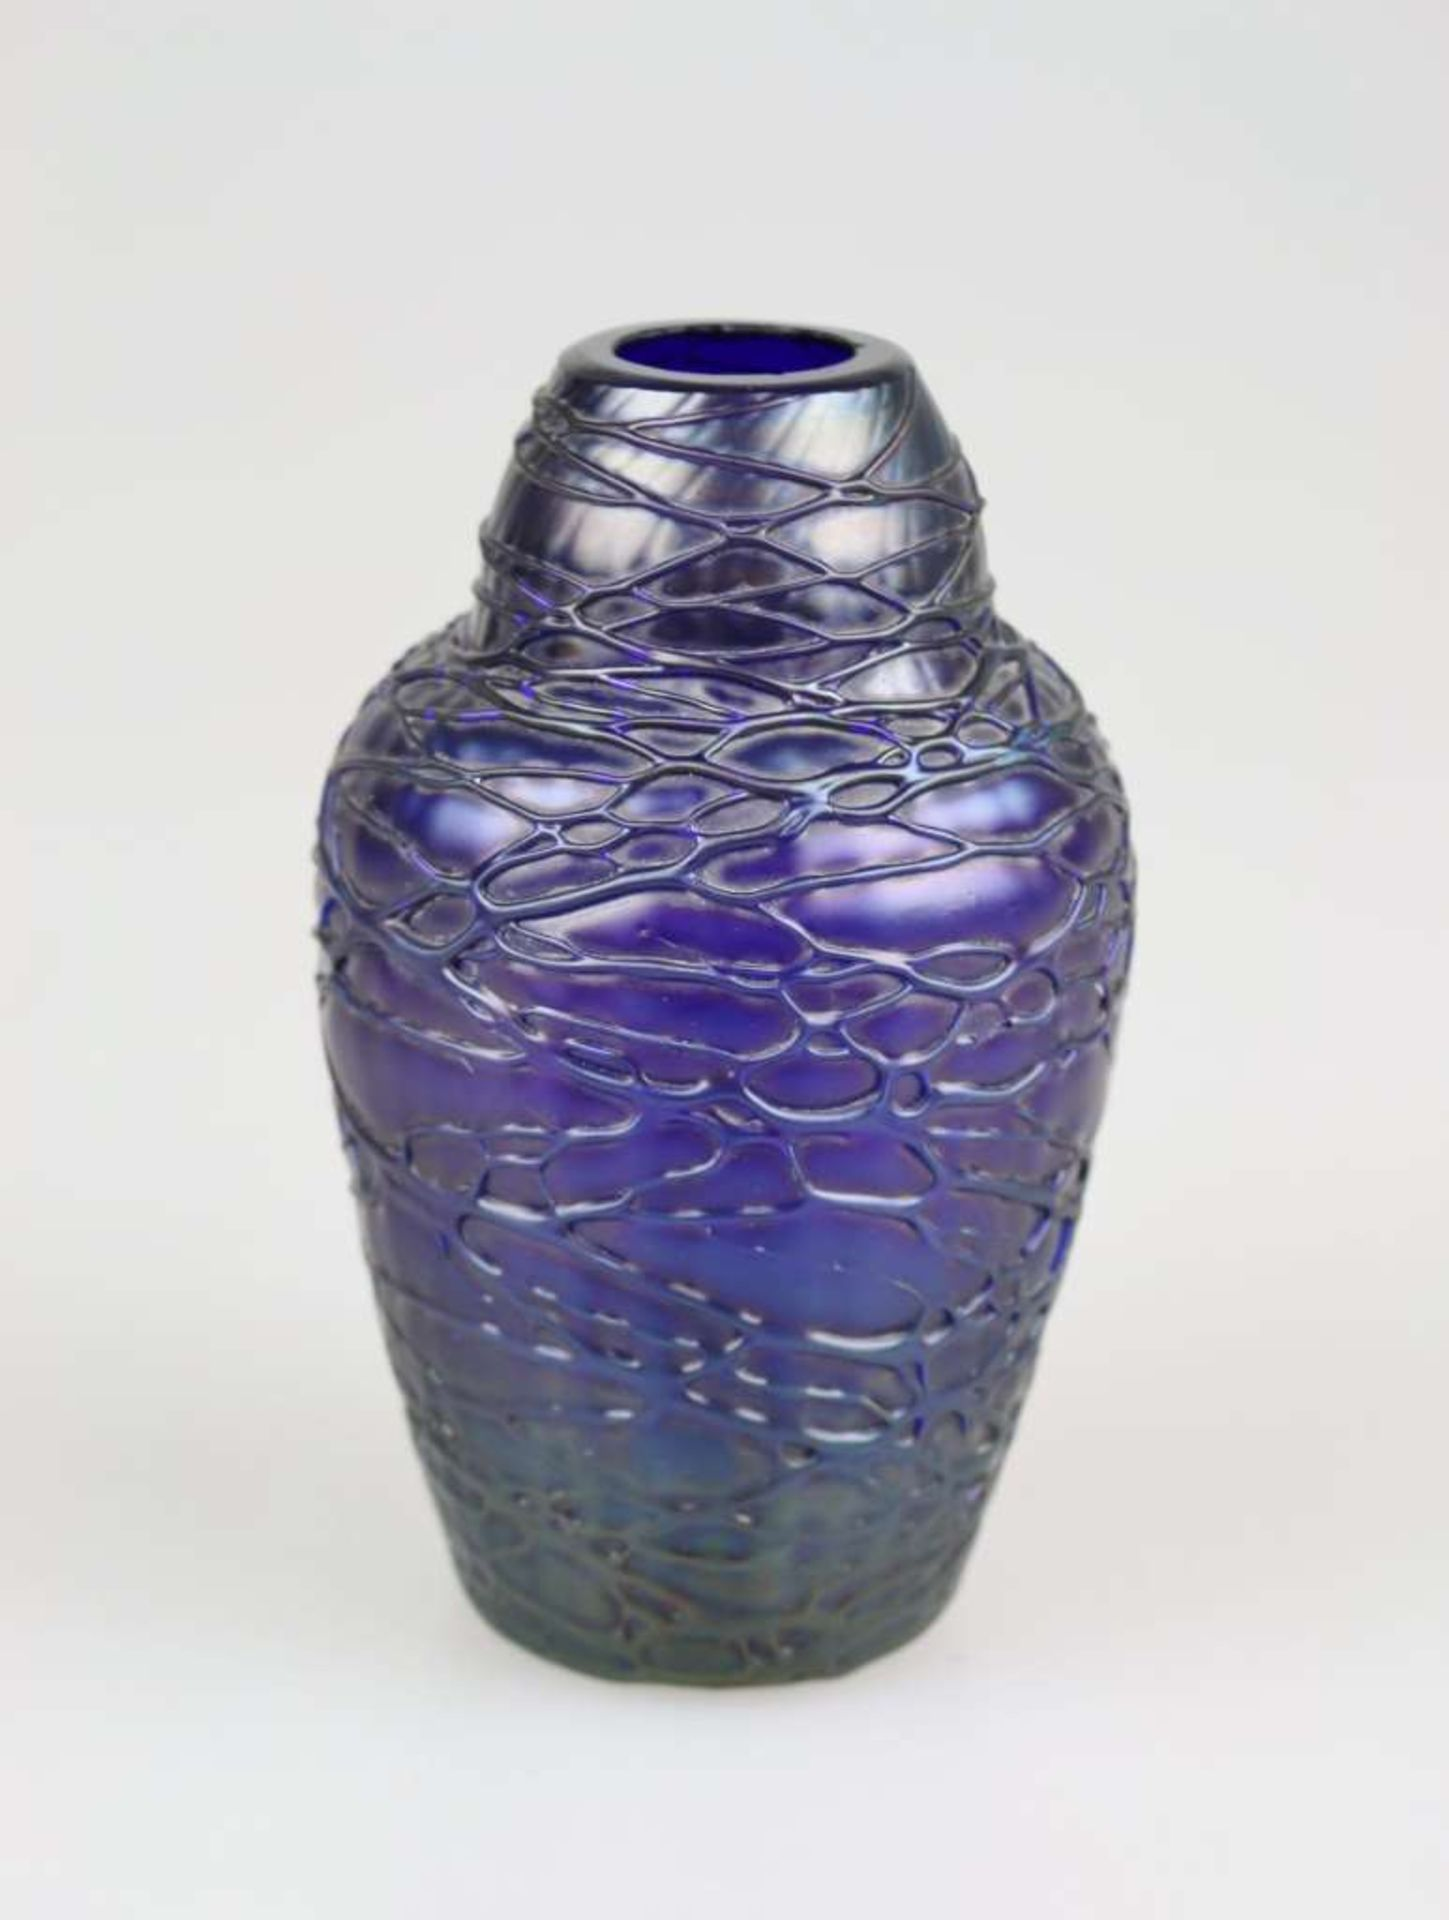 Fritz Heckert Petersdorf Fadenglasvase, Entwurf Otto Thamm attr., um 1902, violettes Glas im Ri